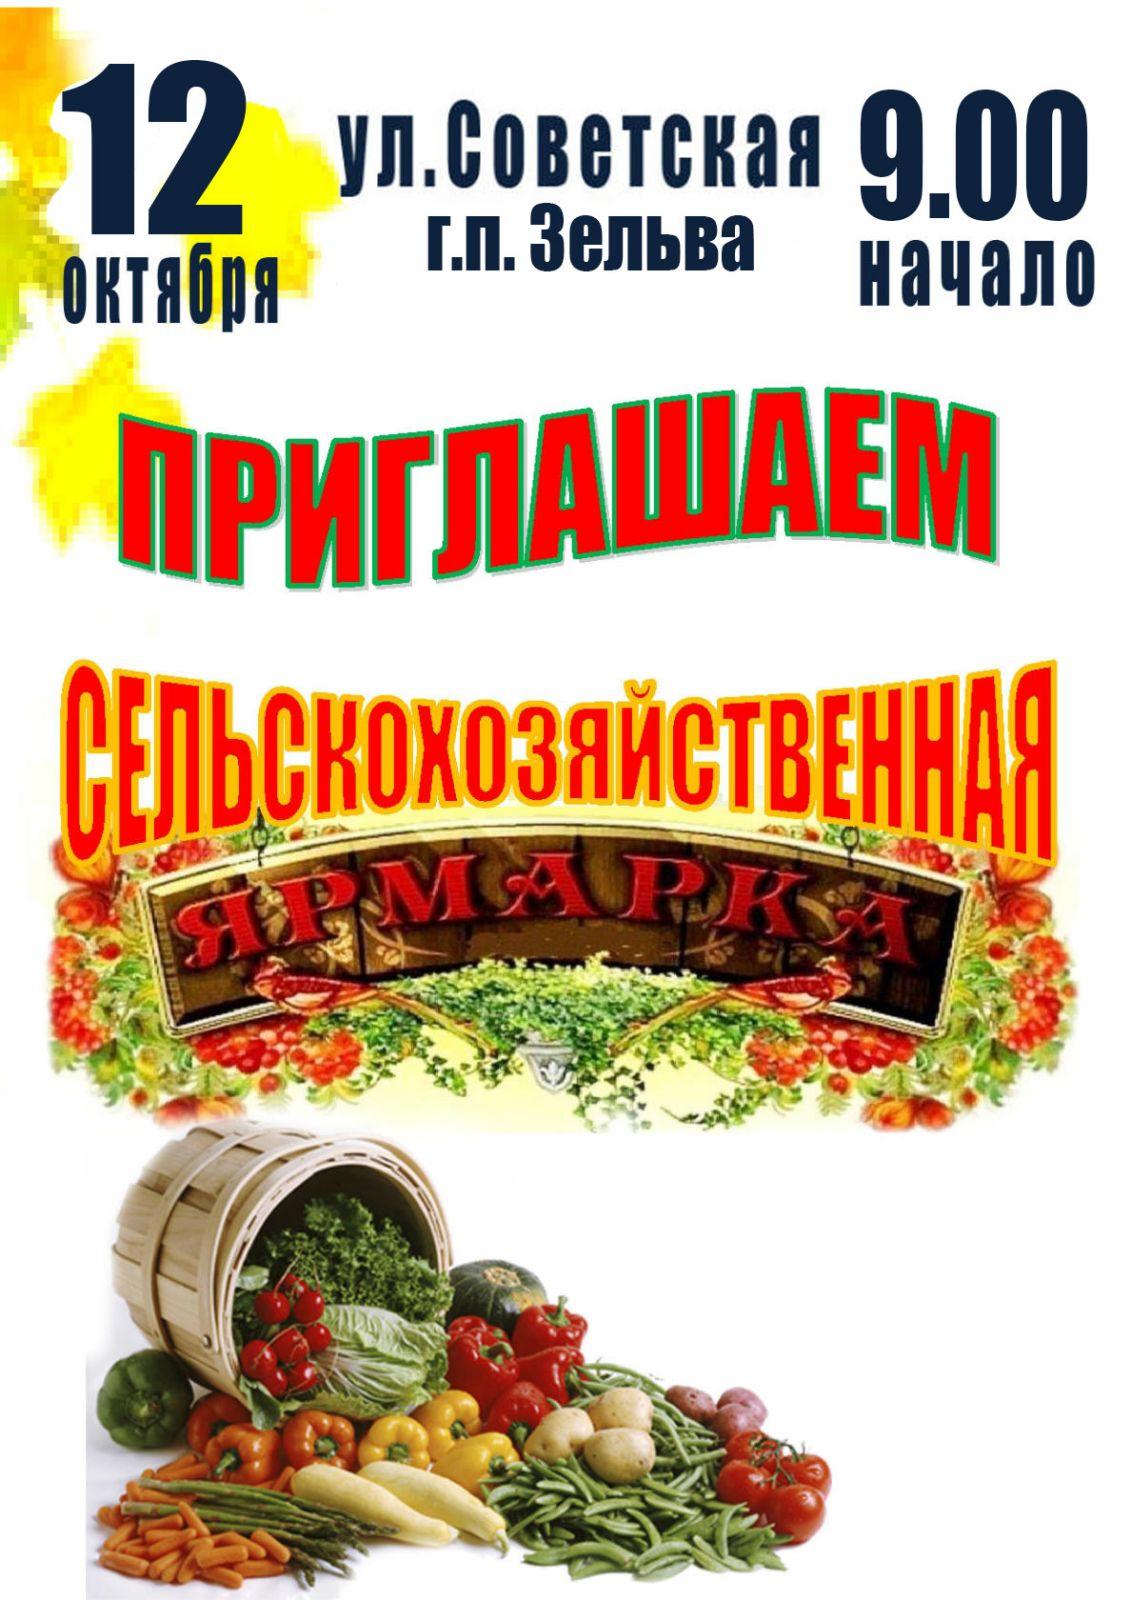 Афиша сельхозярмарка